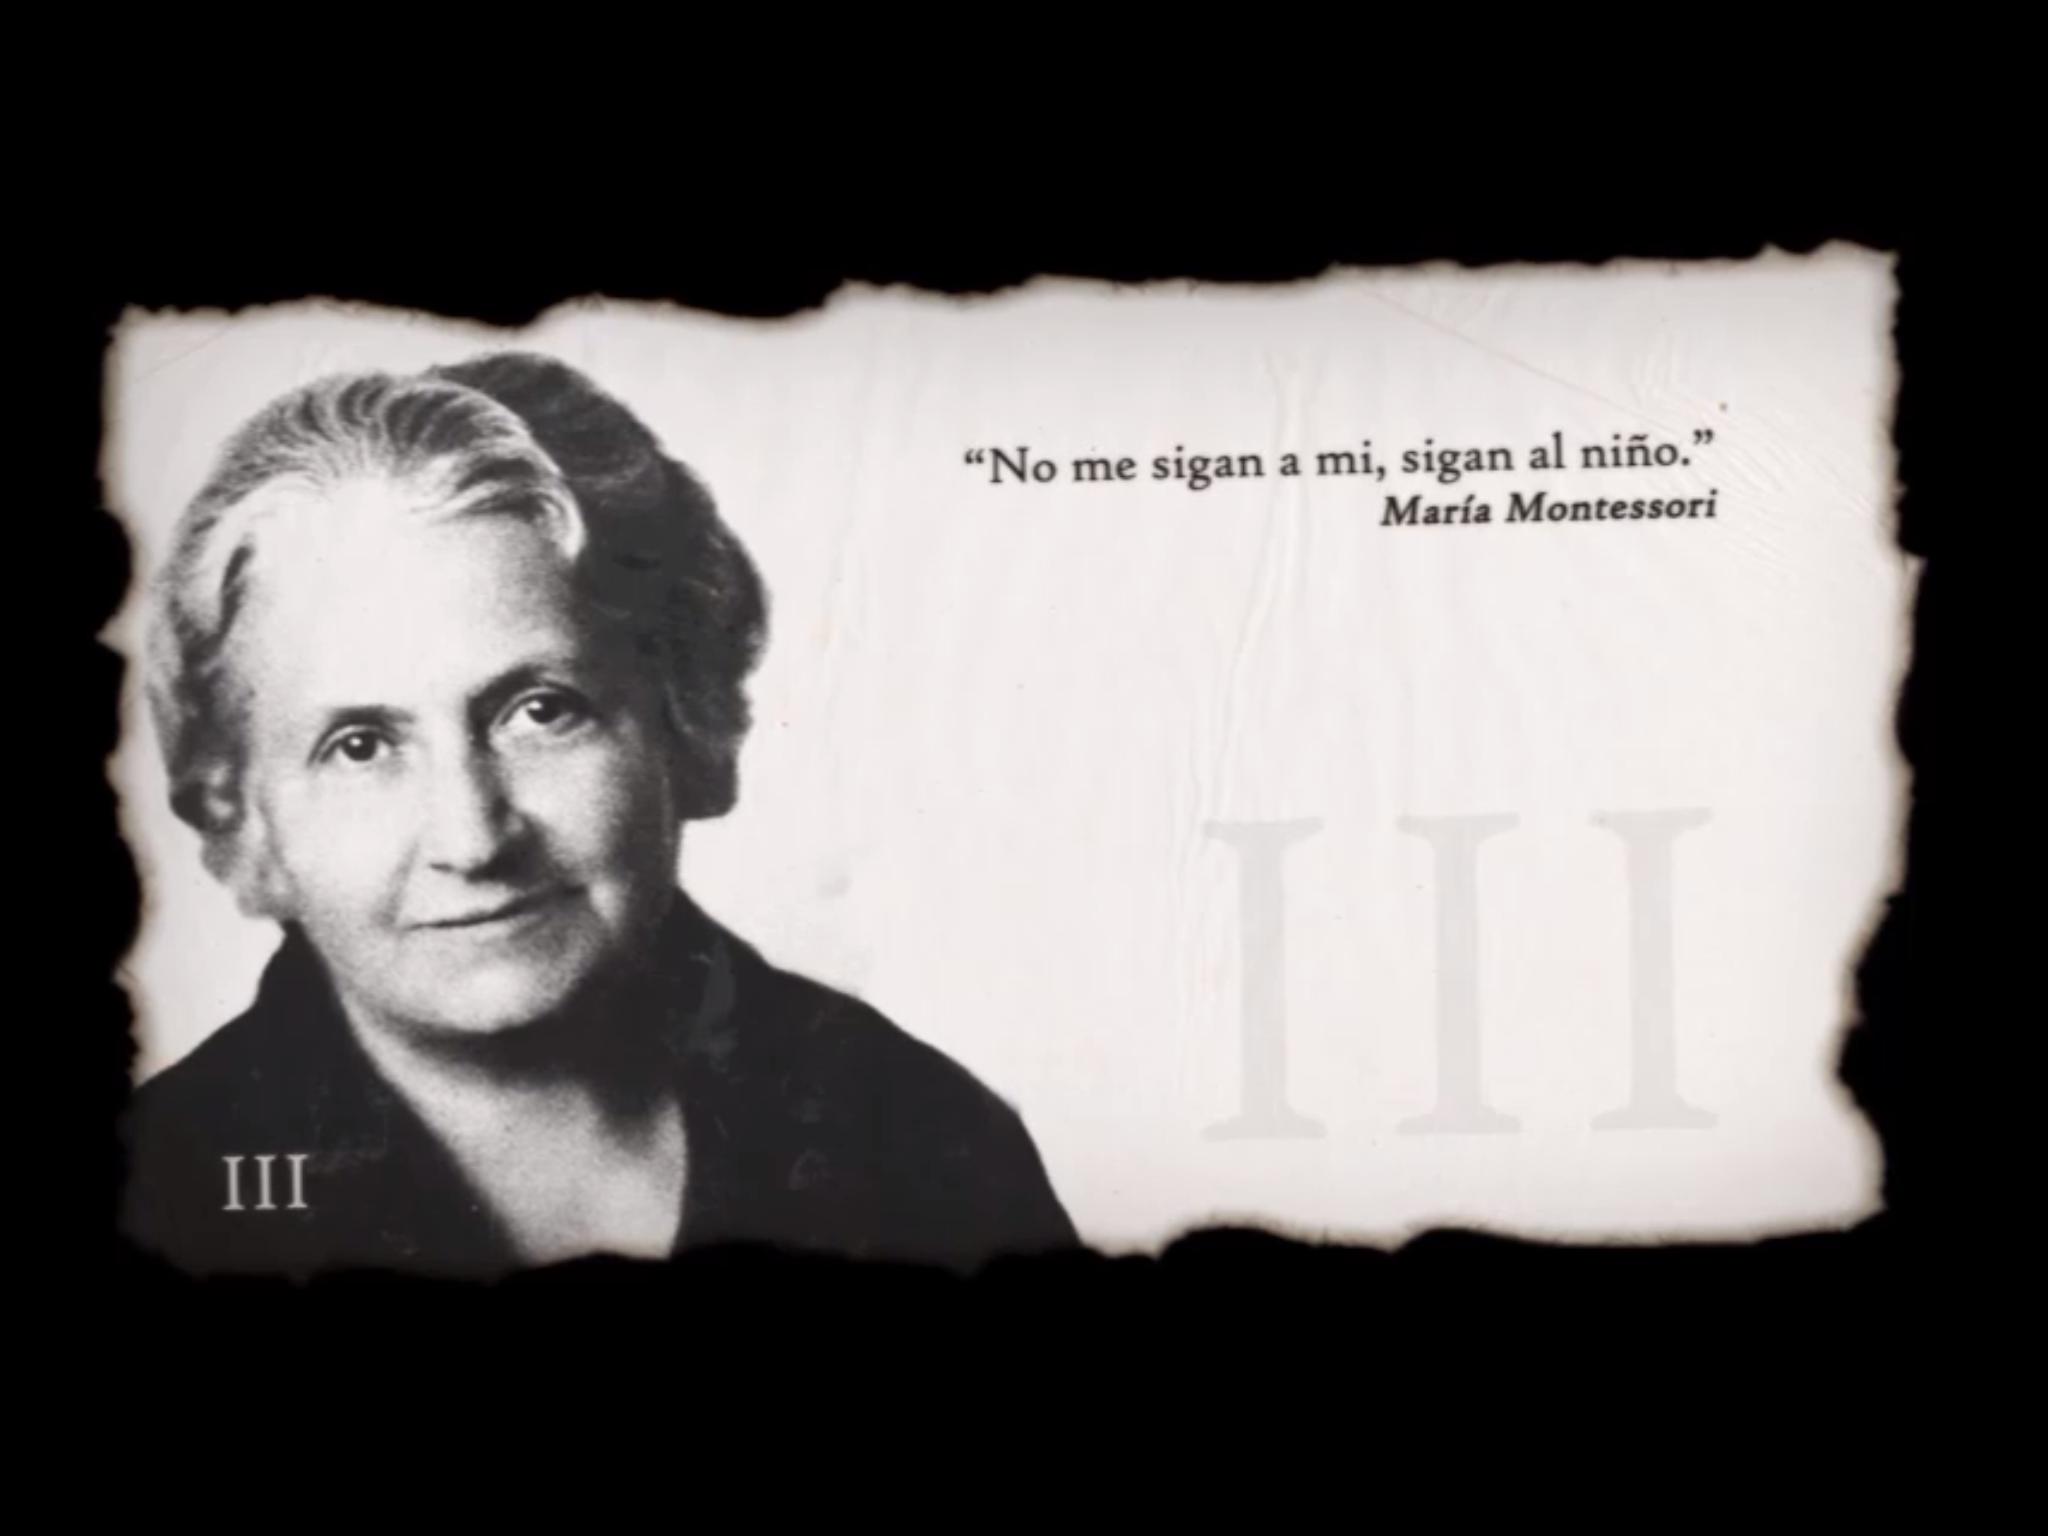 Maria Montessori Wallpaper 2048x1536 63743